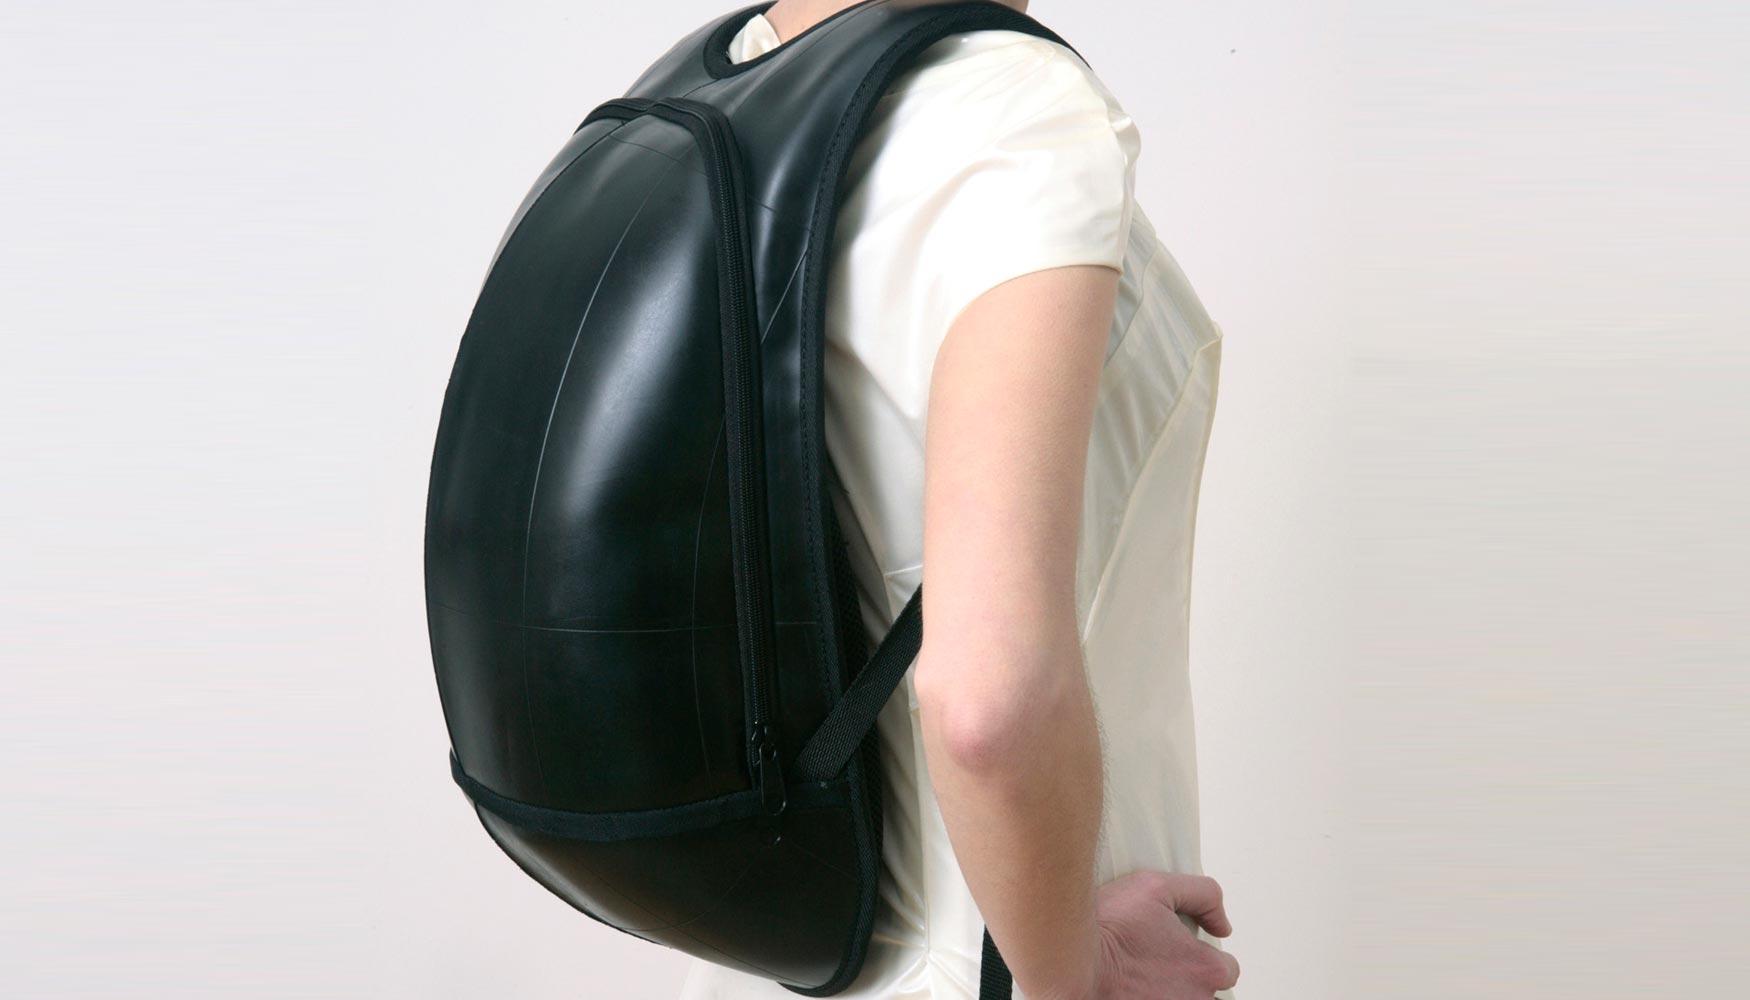 401e2cf6b El resultado son mochilas y bolsos de formas orgánicas y minimalistas, con  cierto toque escultórico. Además son muy funcionales, ya que tienen todas  las ...